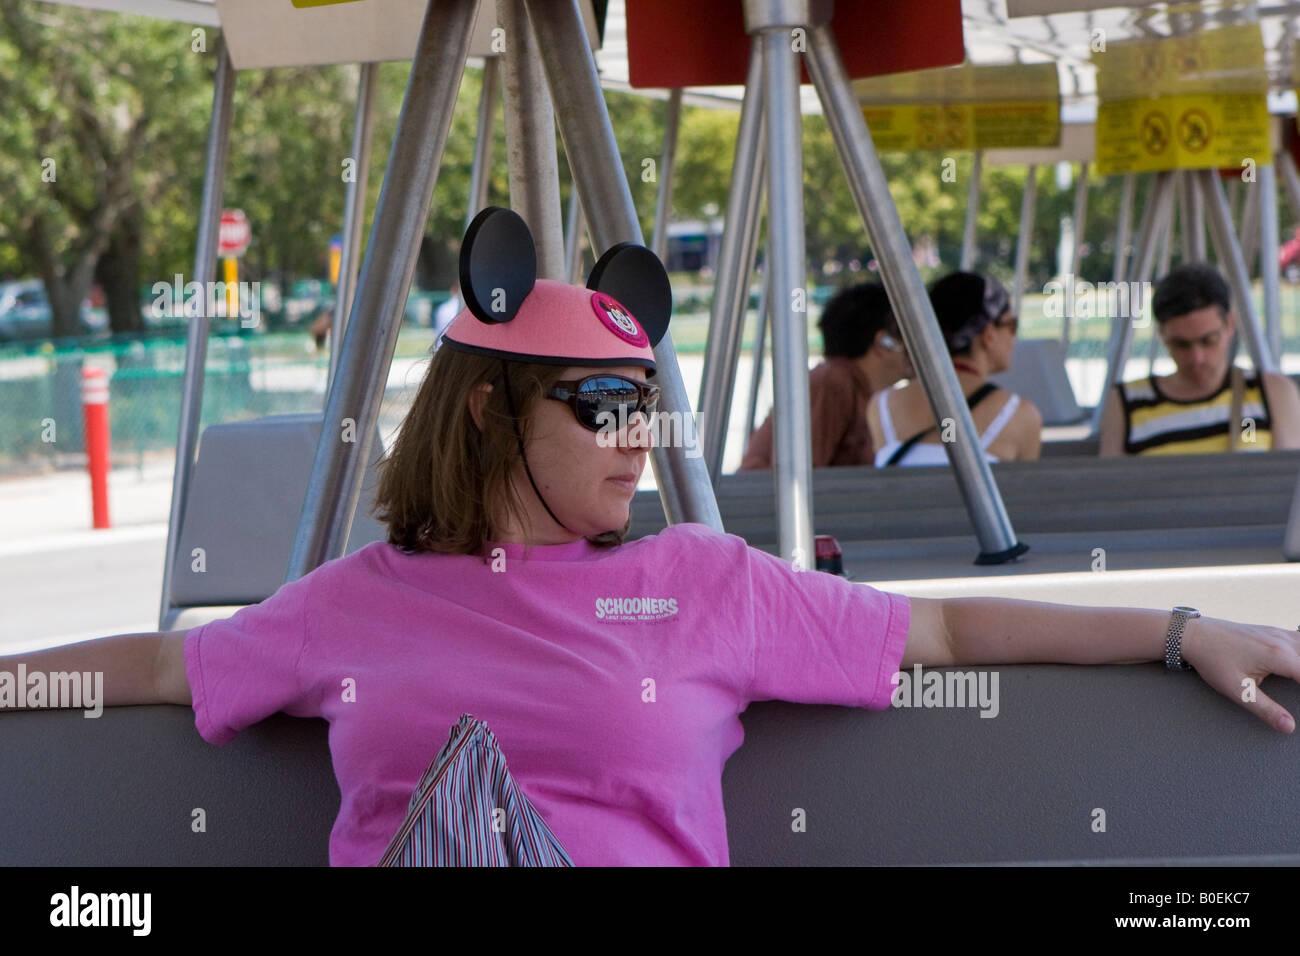 Mickey Mouse Ears Imágenes De Stock & Mickey Mouse Ears Fotos De ...